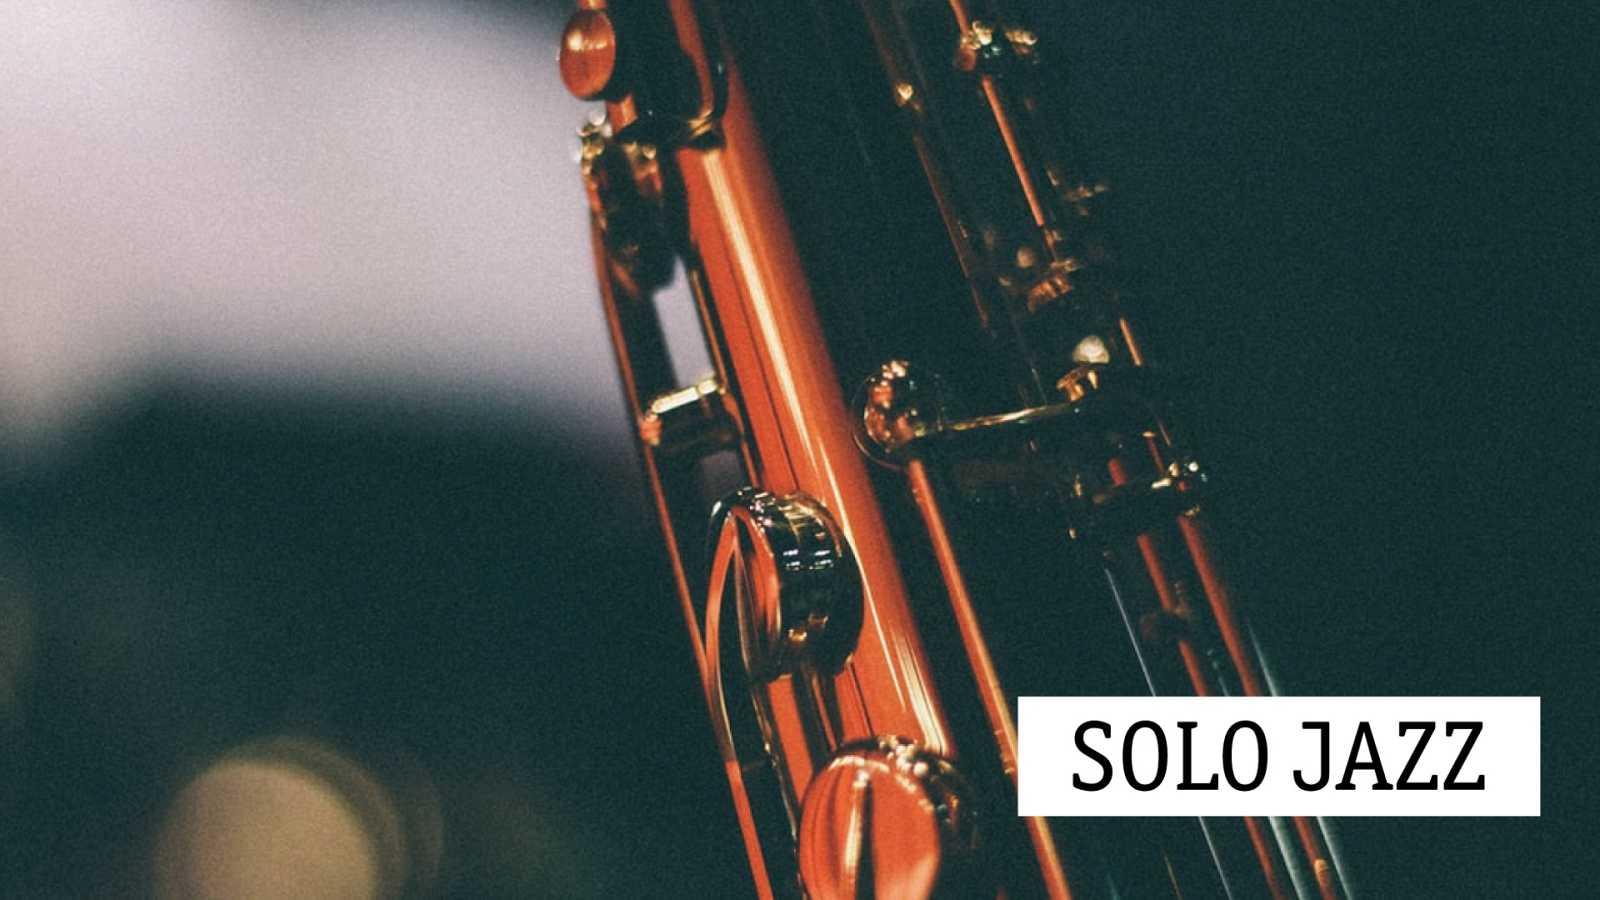 Solo jazz - Bix Beiderbecke, el trompetista valiente - 30/11/20 - escuchar ahora